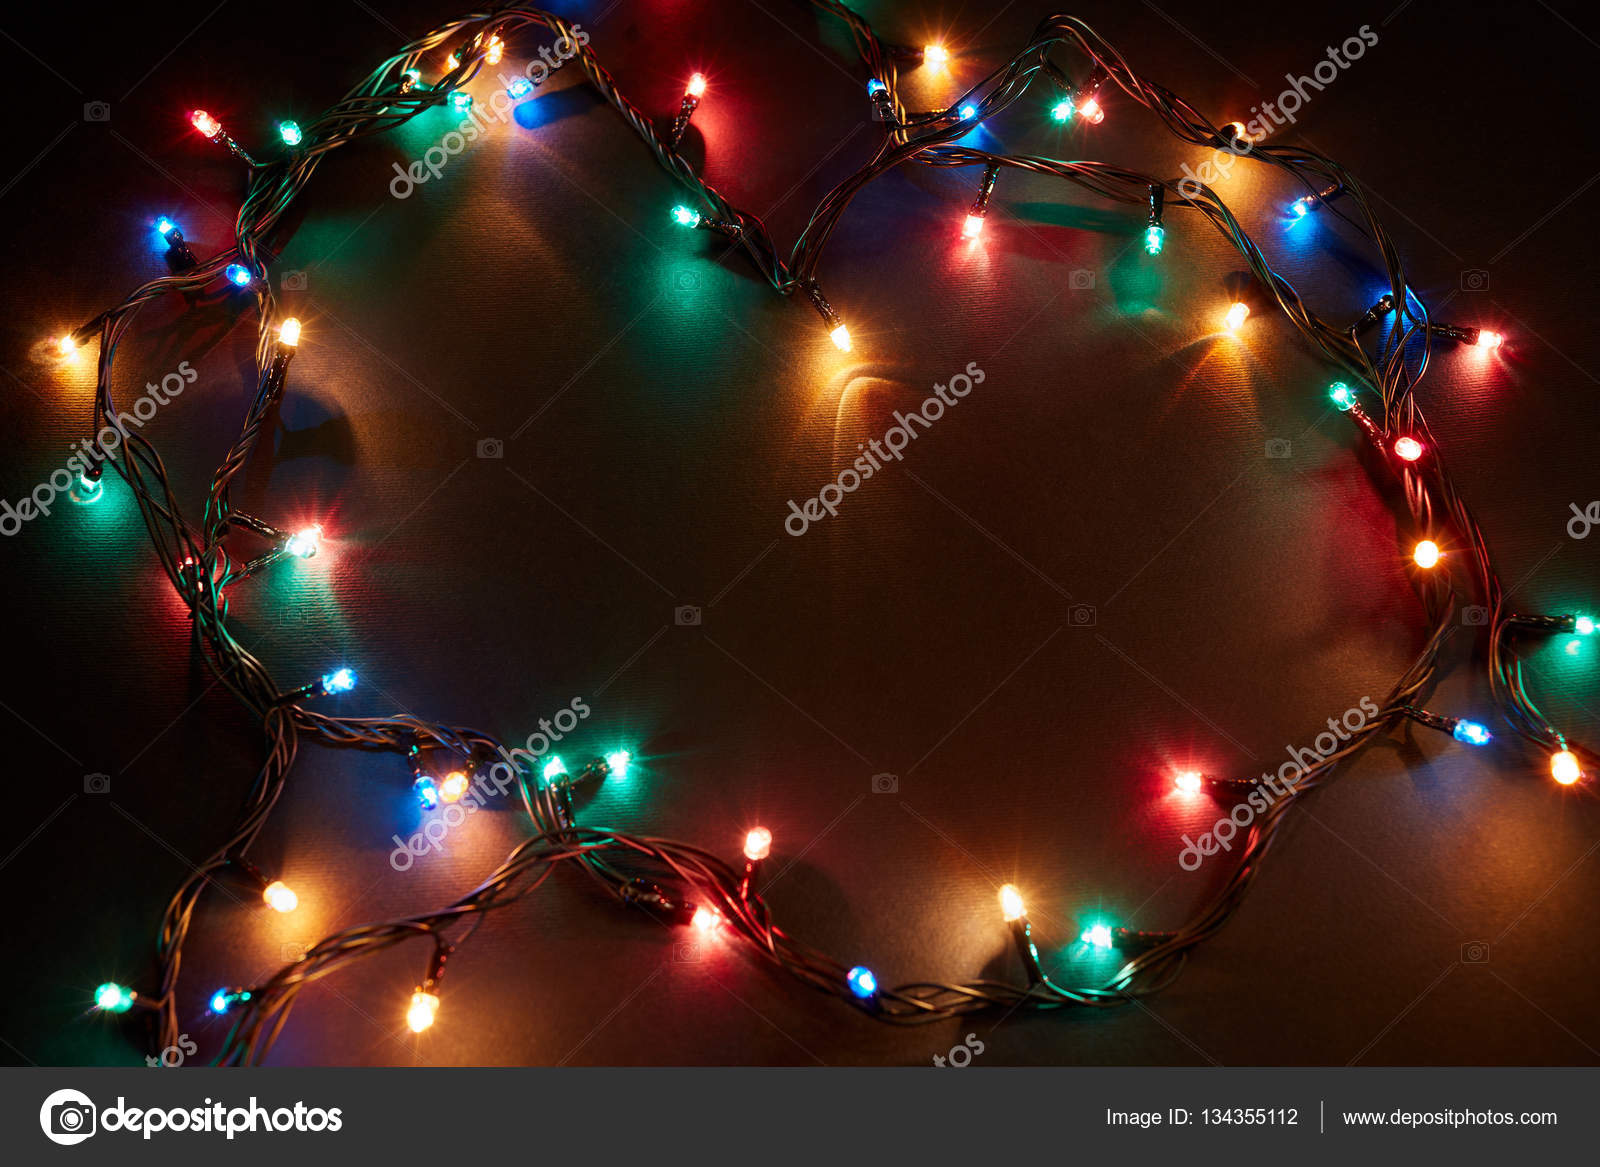 Foto Con Luci Di Natale.Sfondo Di Natale Con Luci E Spazio Di Testo Libero Bordo Di